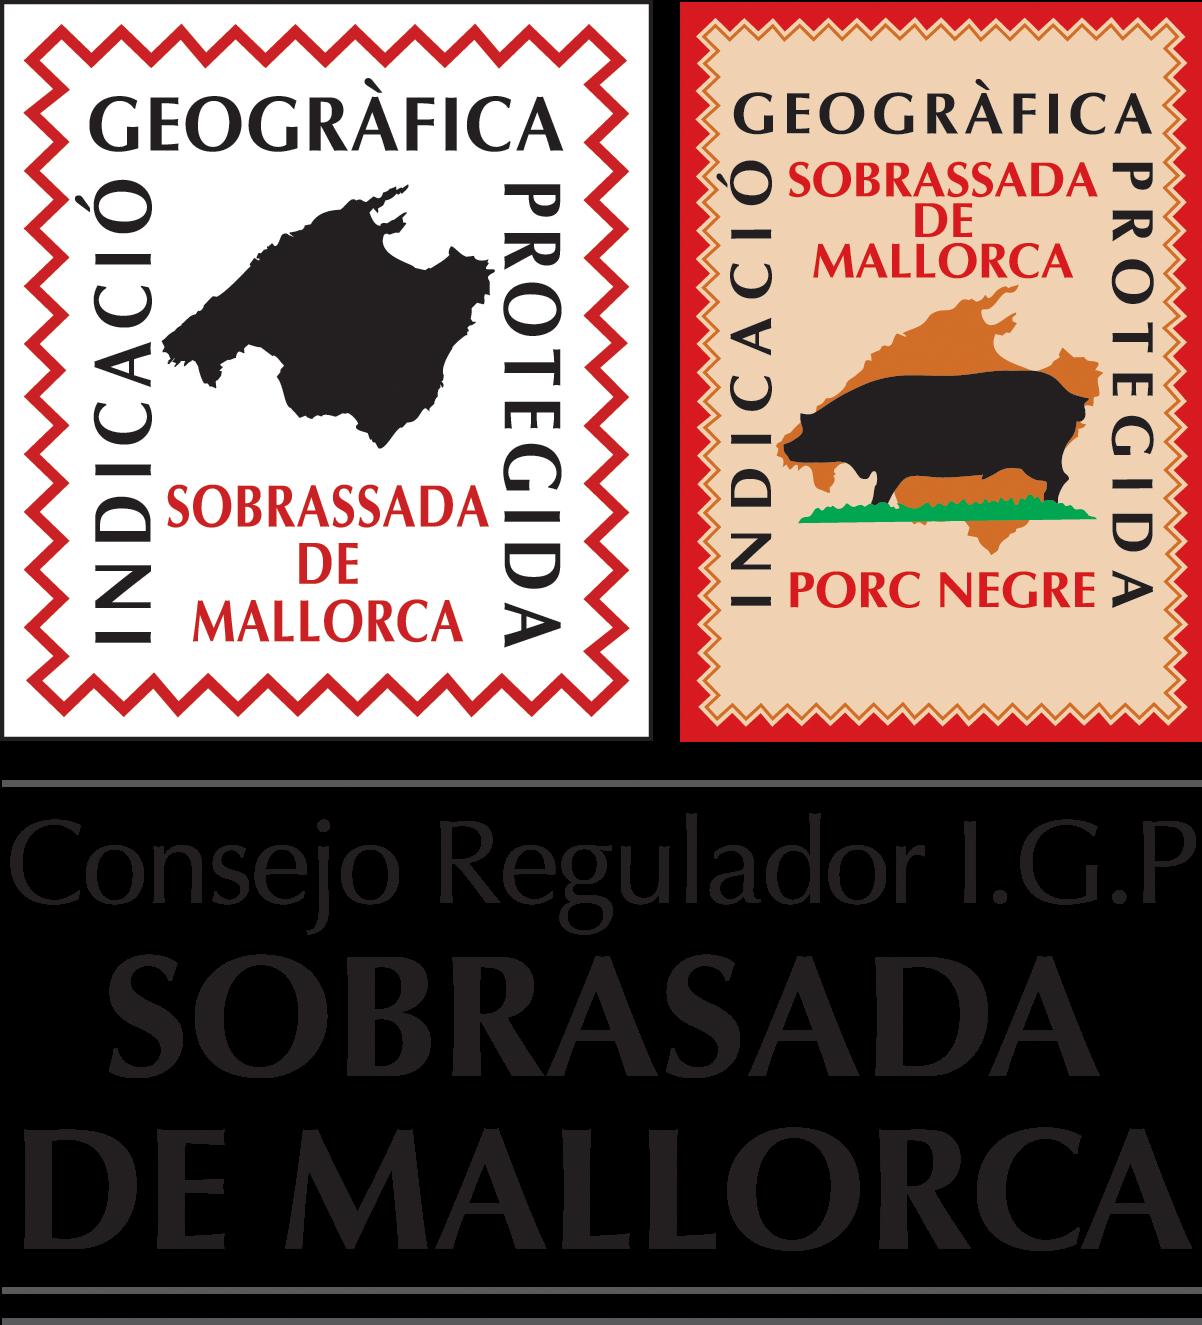 El Consejo Regulador I.G.P. Sobrasada de Mallorca colabora con El Ritmo en los Fogones